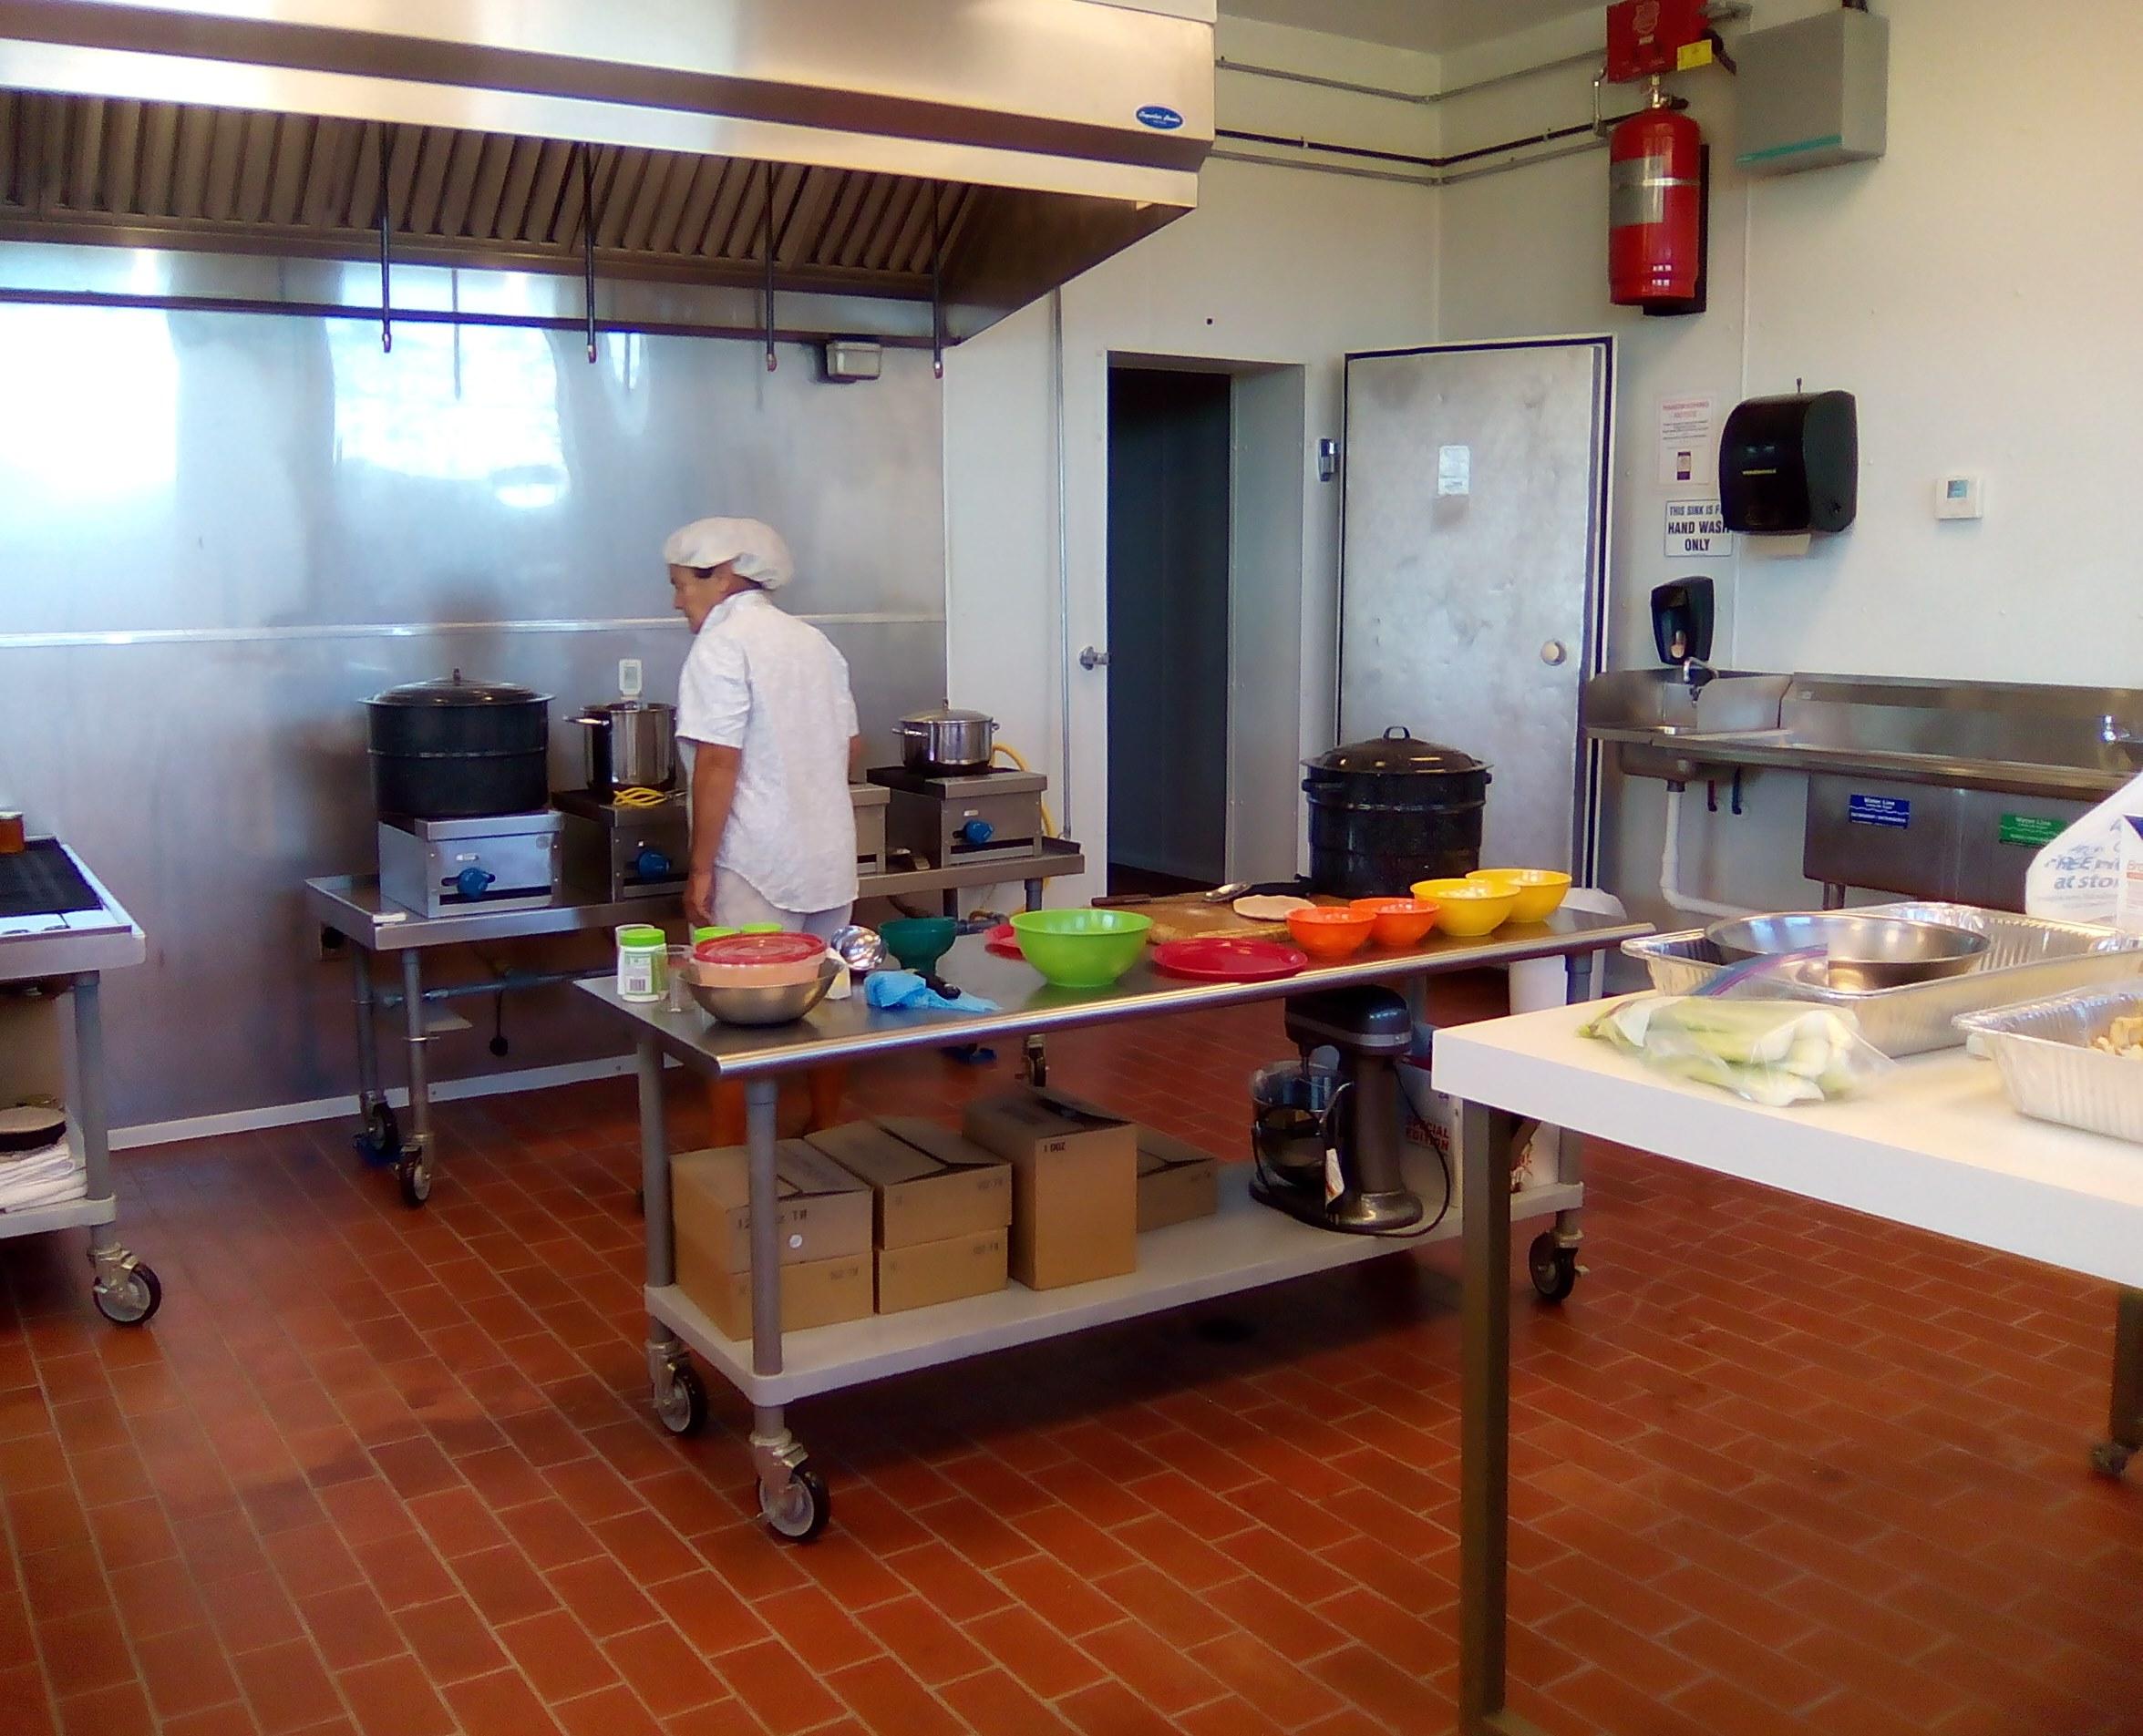 Ber s Preserves Kitchen Elberta AL